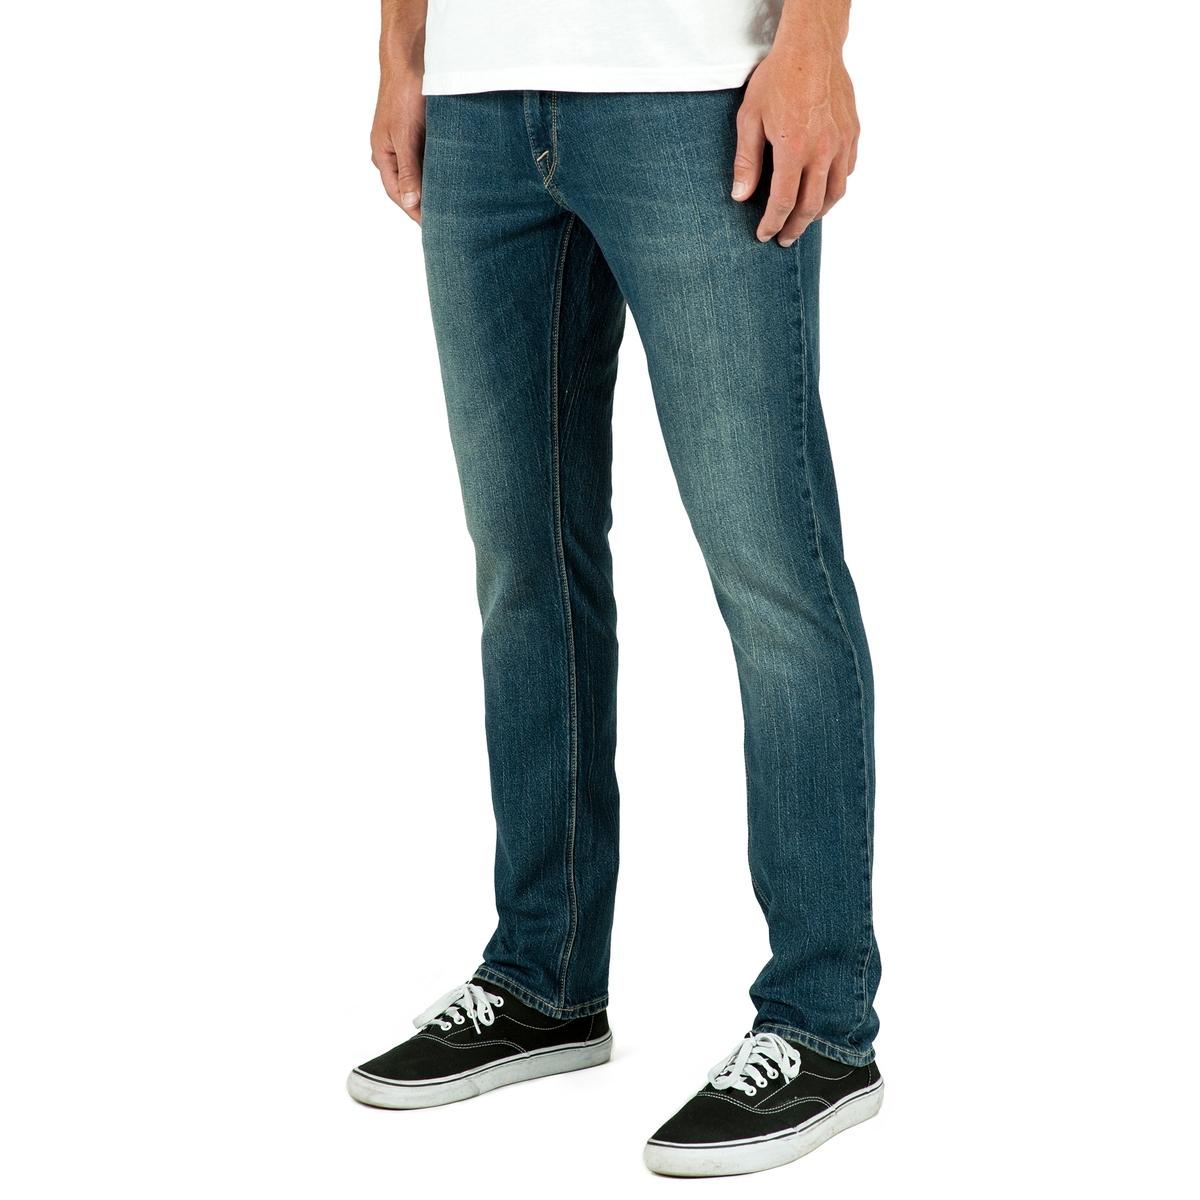 Джинсы узкие VORTA от VOLCOM volcom джинсы volcom riser jean indigo